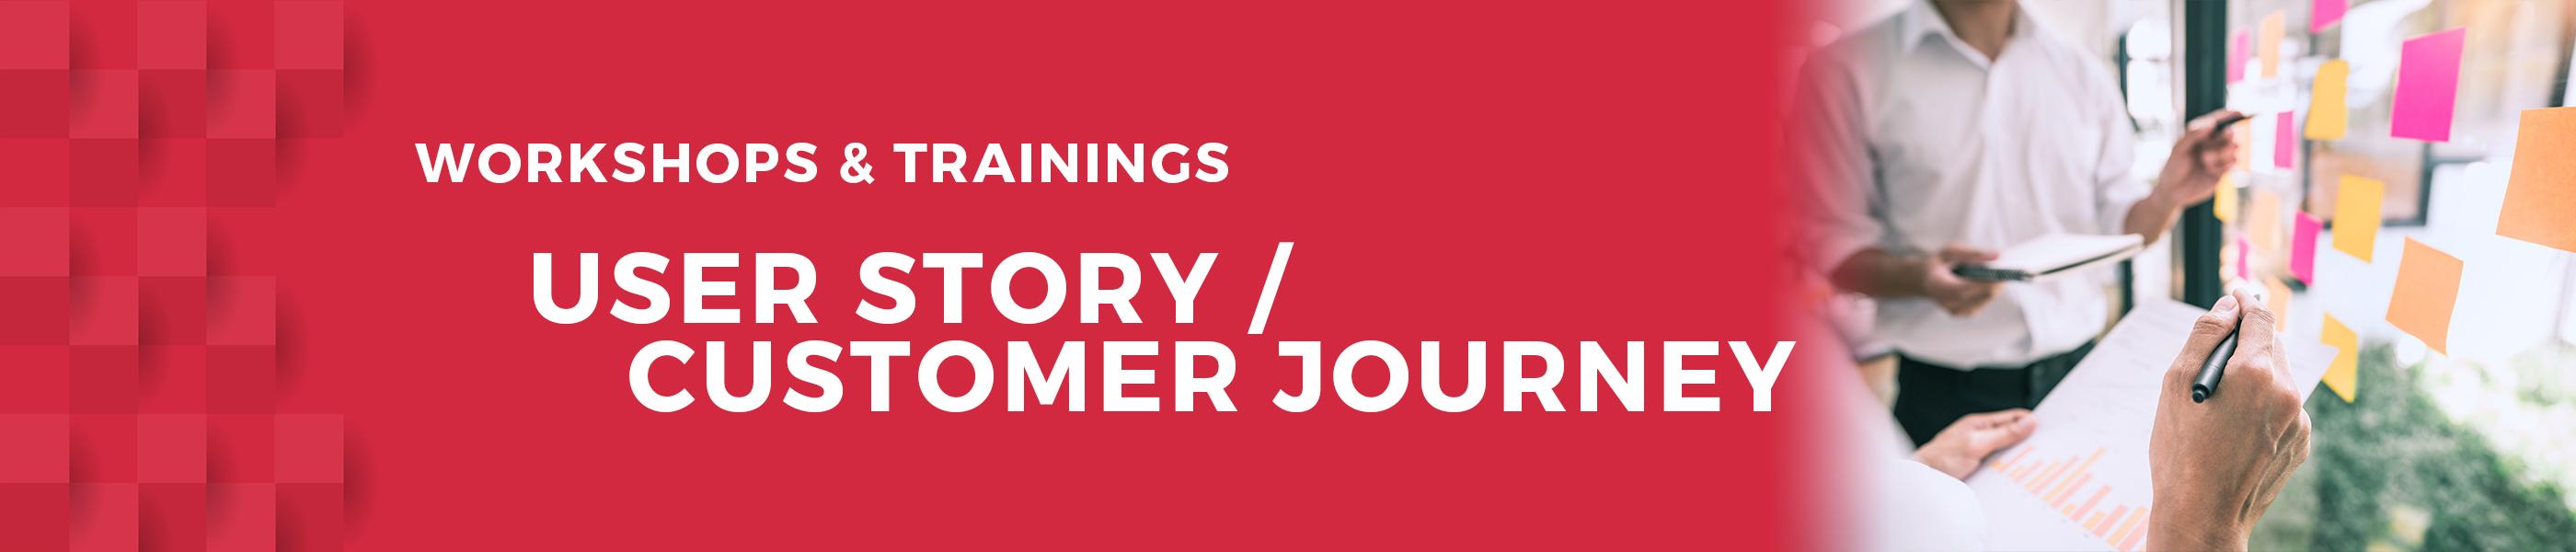 User-story-business-marketing-workshop